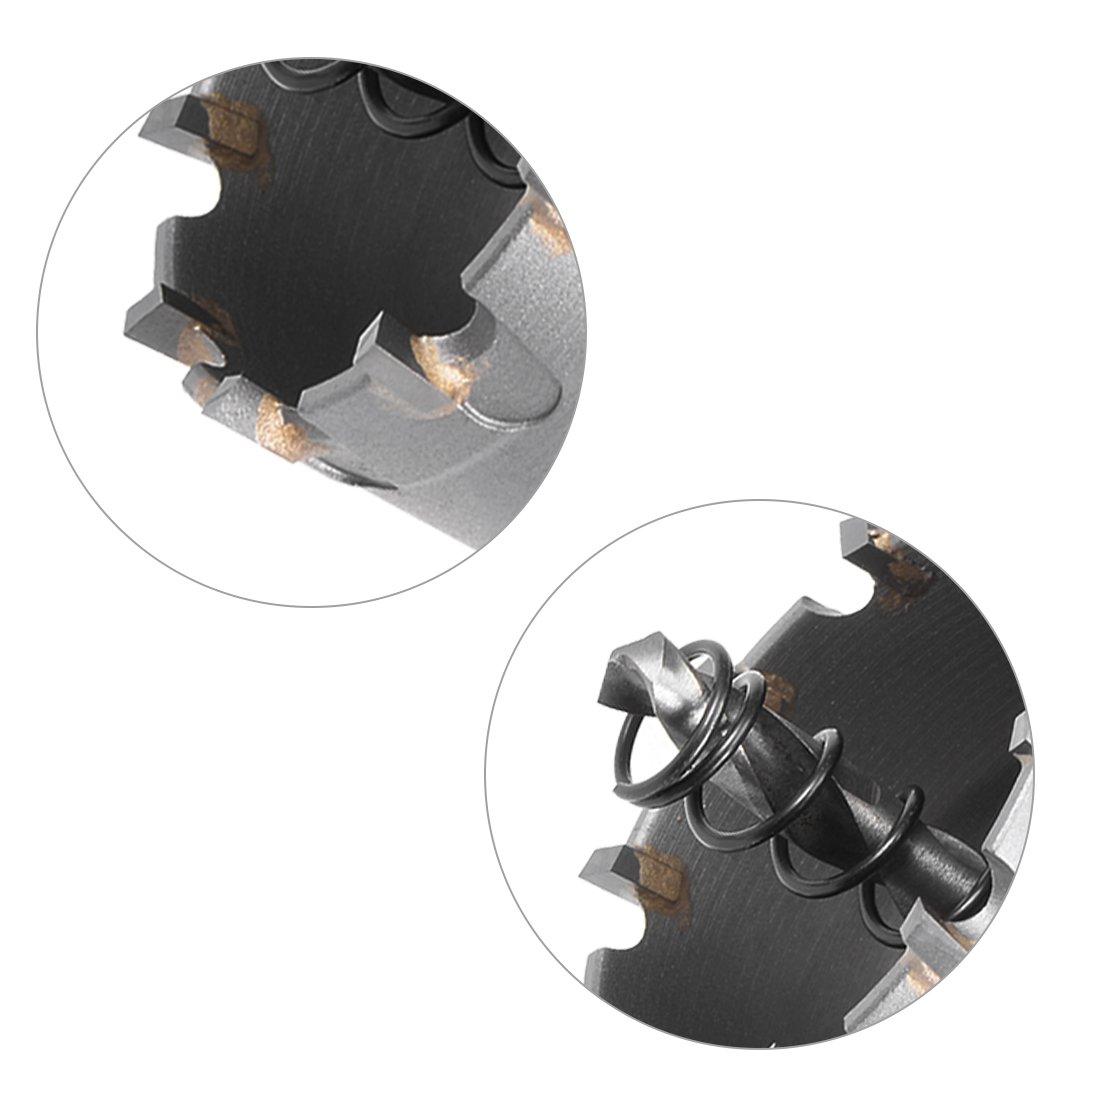 sourcing map taladro metal de Taladro Cortador de Agujeros de Carburo para aleaci/ón de acero inoxidable de 70mm